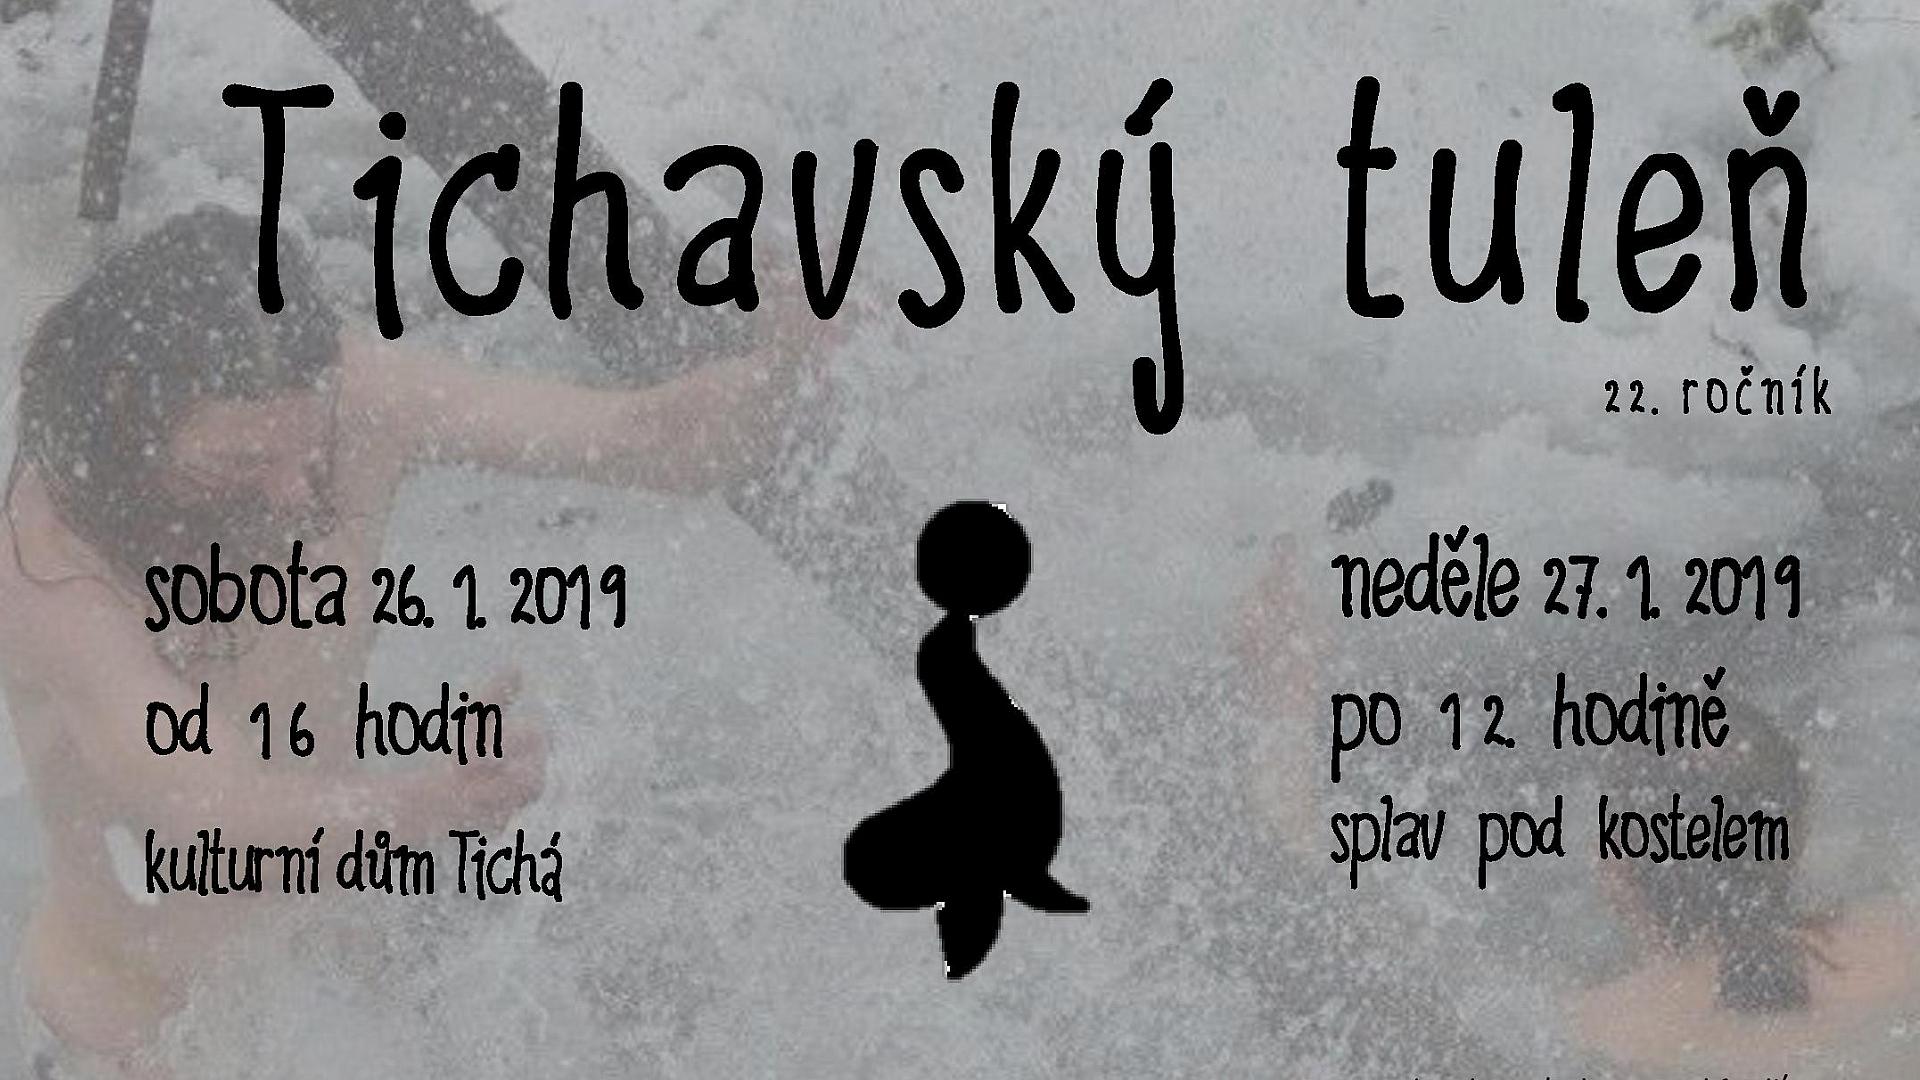 Techtle-Mechtle, hnutí za přirozenější vztahy, z. s. - Tichavský tuleň 2019